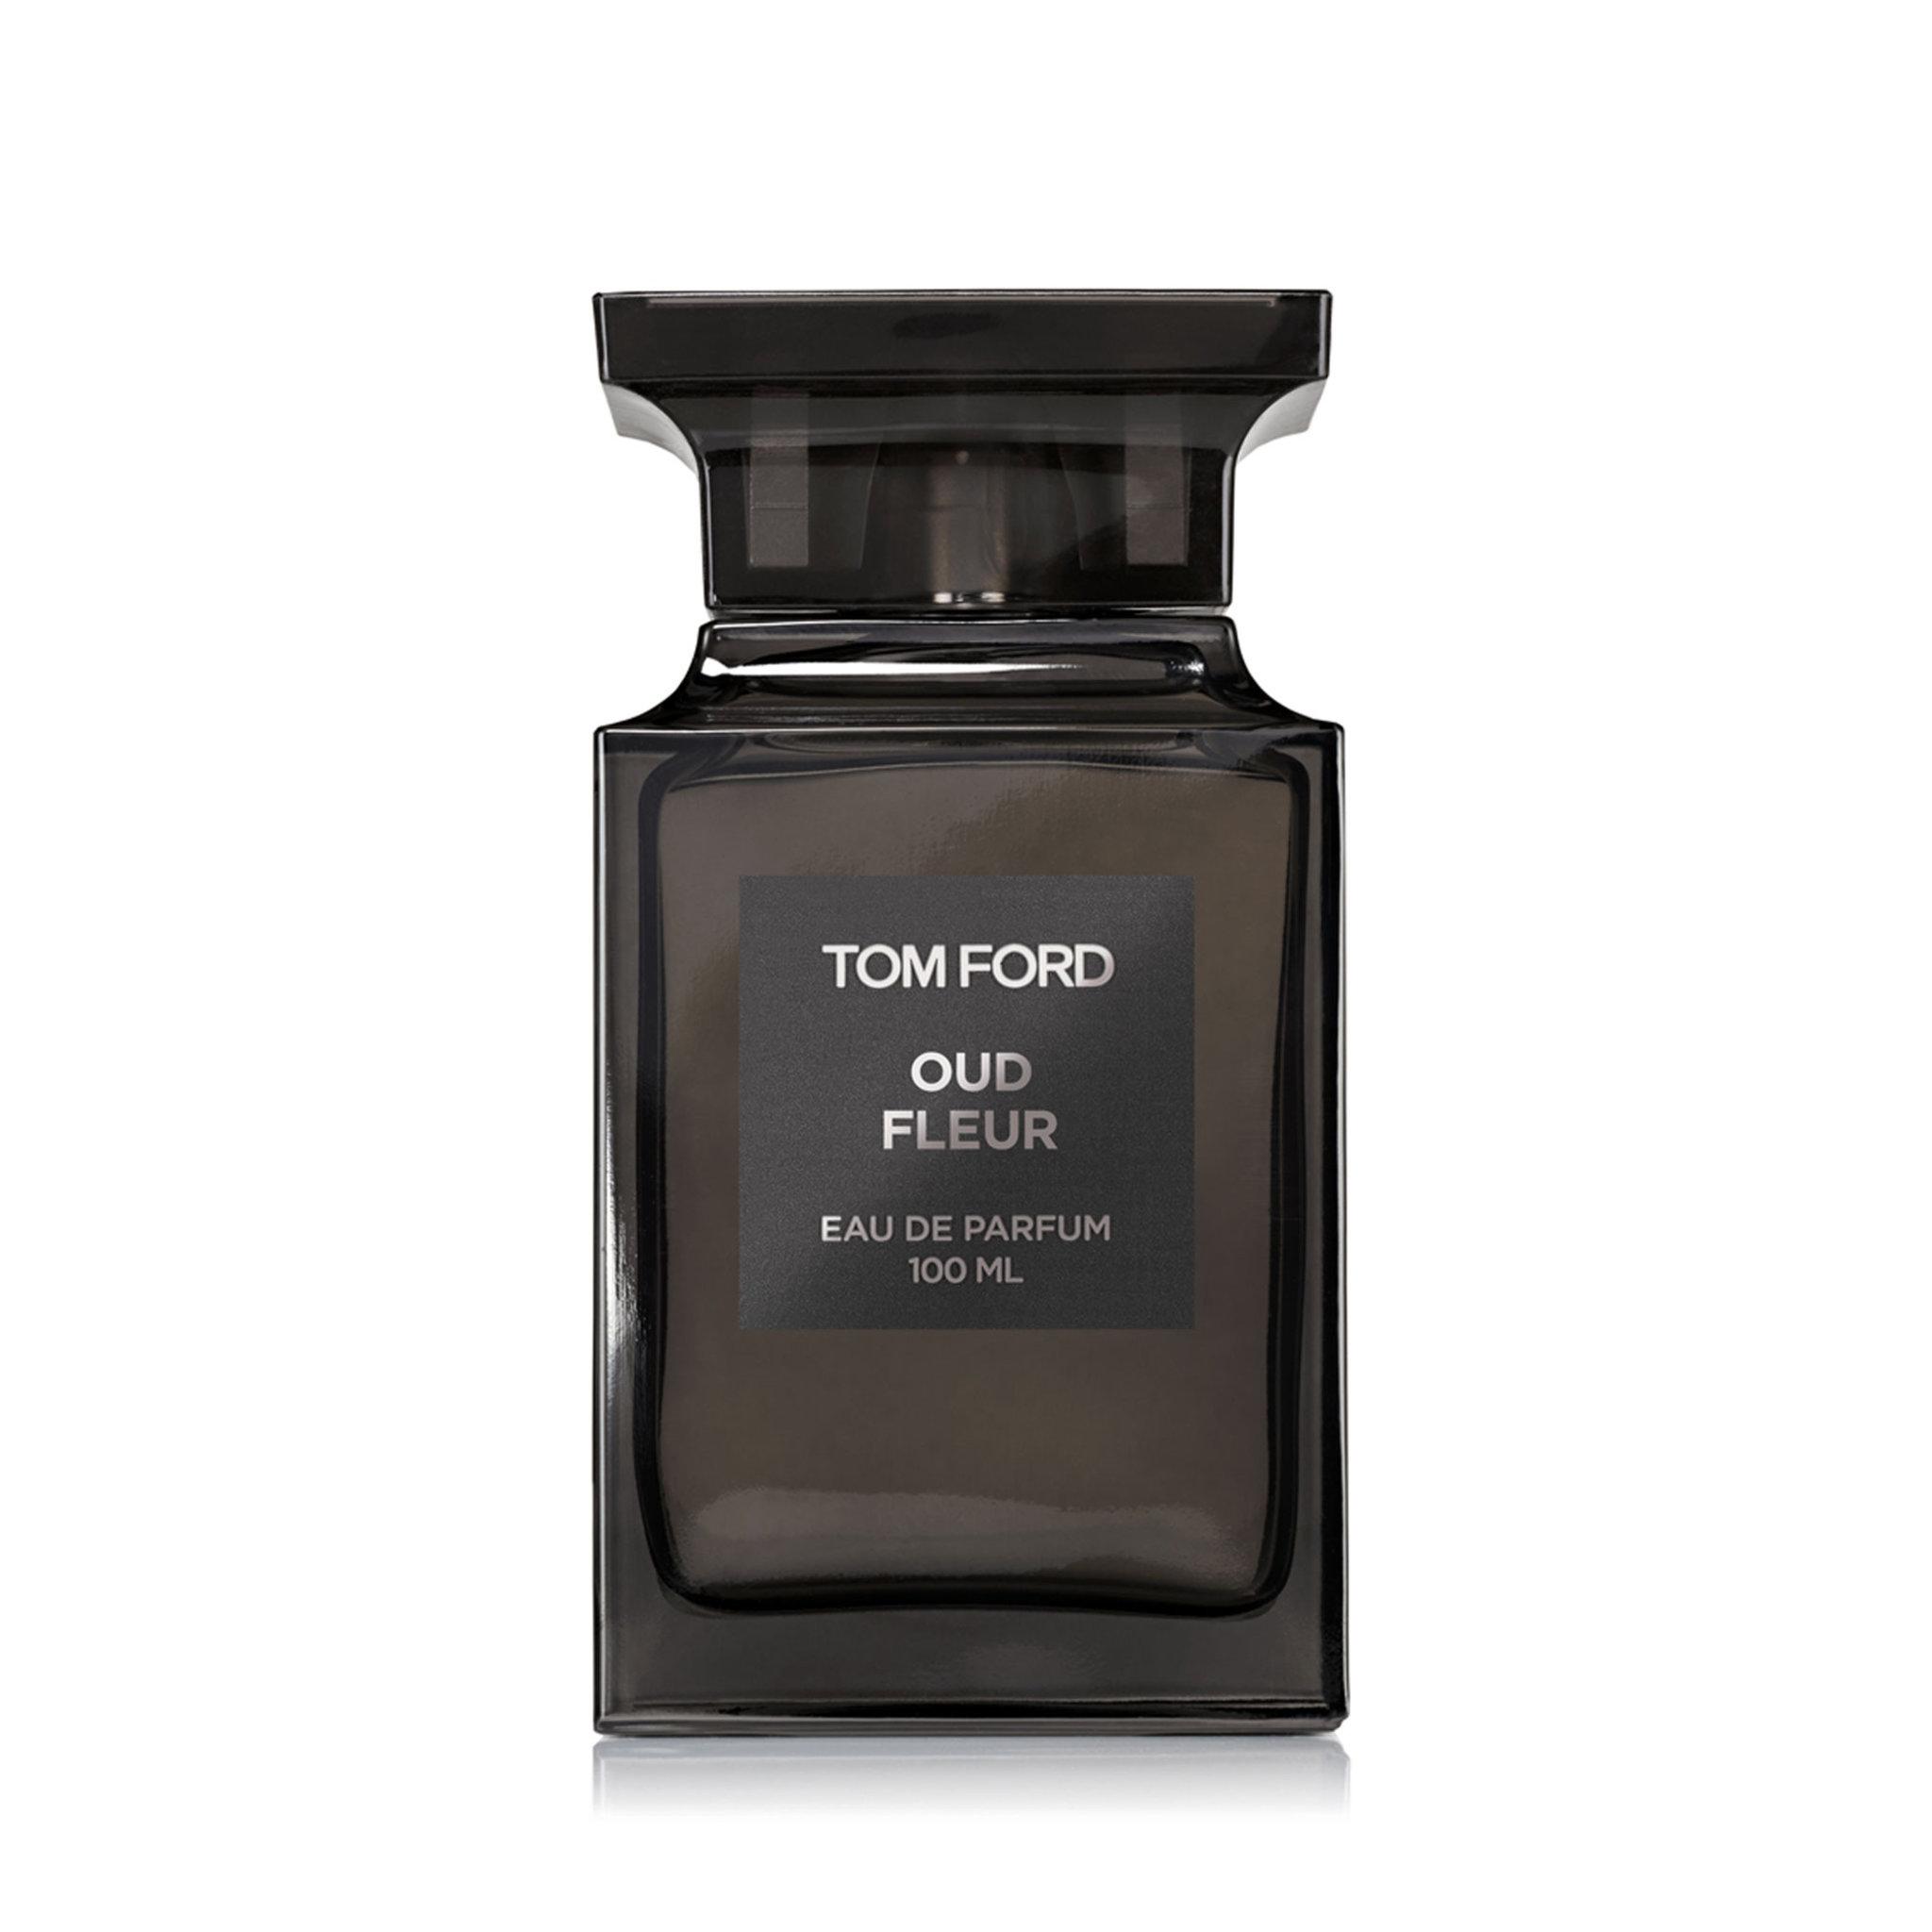 Oud Fleur EdP, 100 ml, 100 ML